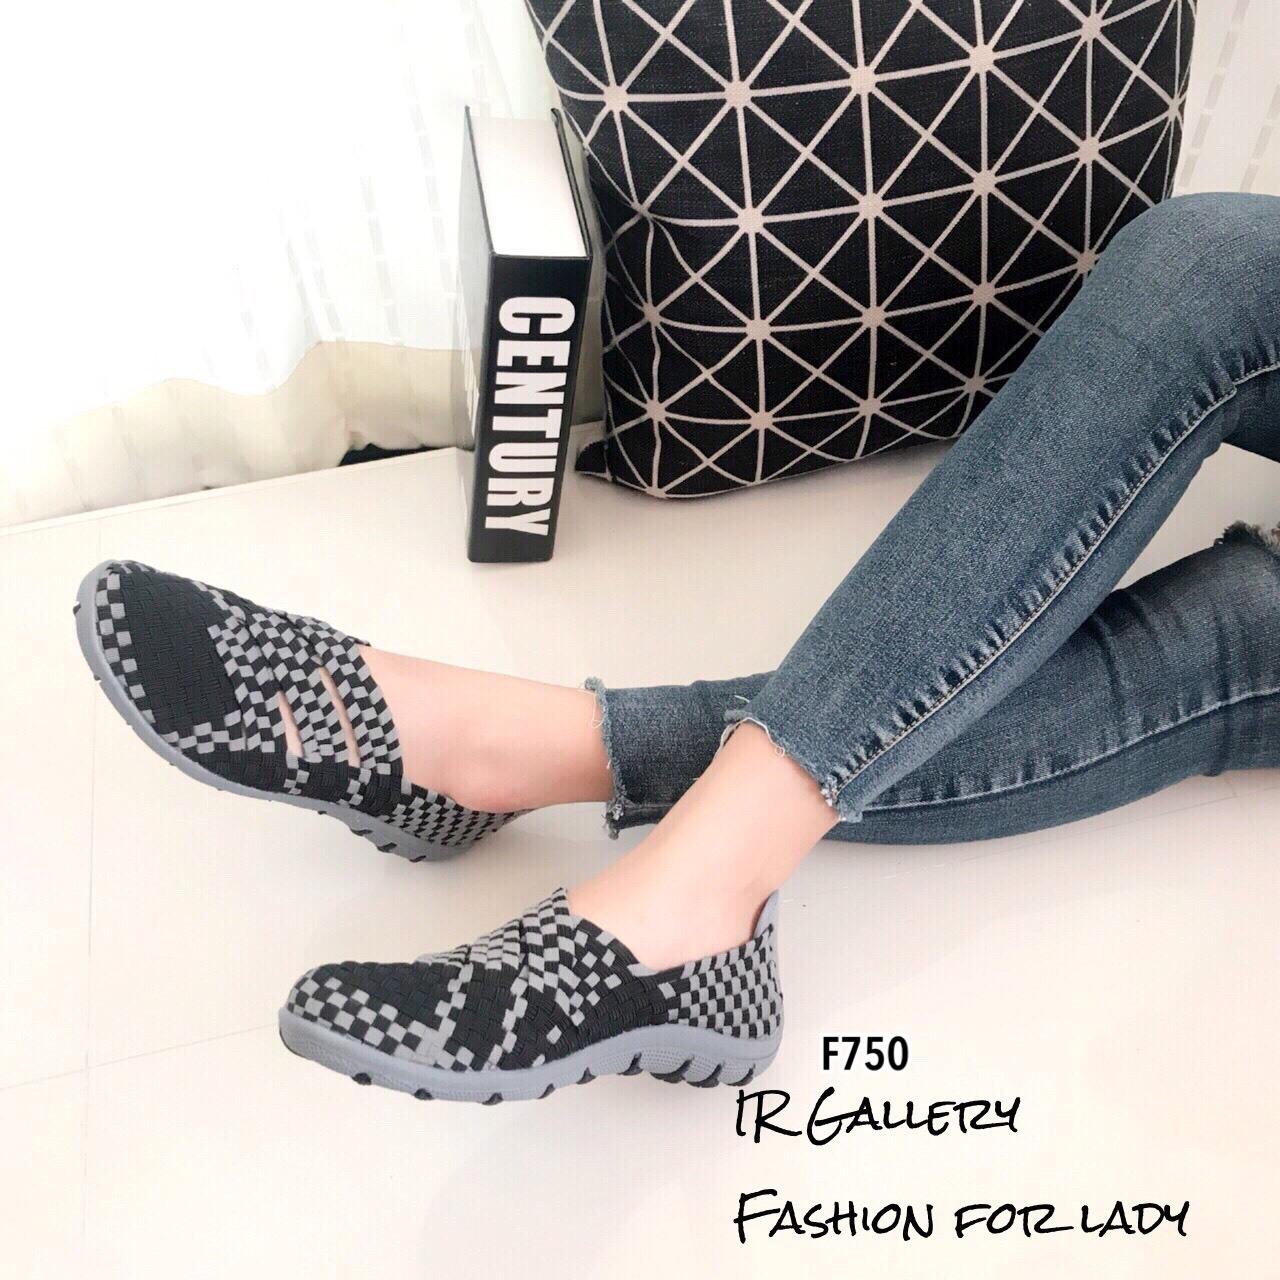 รองเท้ายางสาน เพื่อสุขภาพ ทอลายสีทูโทนสวยเก๋ แบบสวม ยางยืดนิ่มยืดหยุ่น ใส่ง่าย พื้นนิ่ม รองรับซับเเรงกระเเทก มีความยืดหยุ่นในตัวสูง ใส่สบายมาก ไม่ปวดเท้า ส้นยางกันลื่นหนา 1 นิ้ว น้ำหนักเบา เดินได้อย่างมั่นใจในทุกย่างก้าว ทรงสวย ใส่สบาย แมทสวยได้ทุกชุด (F7